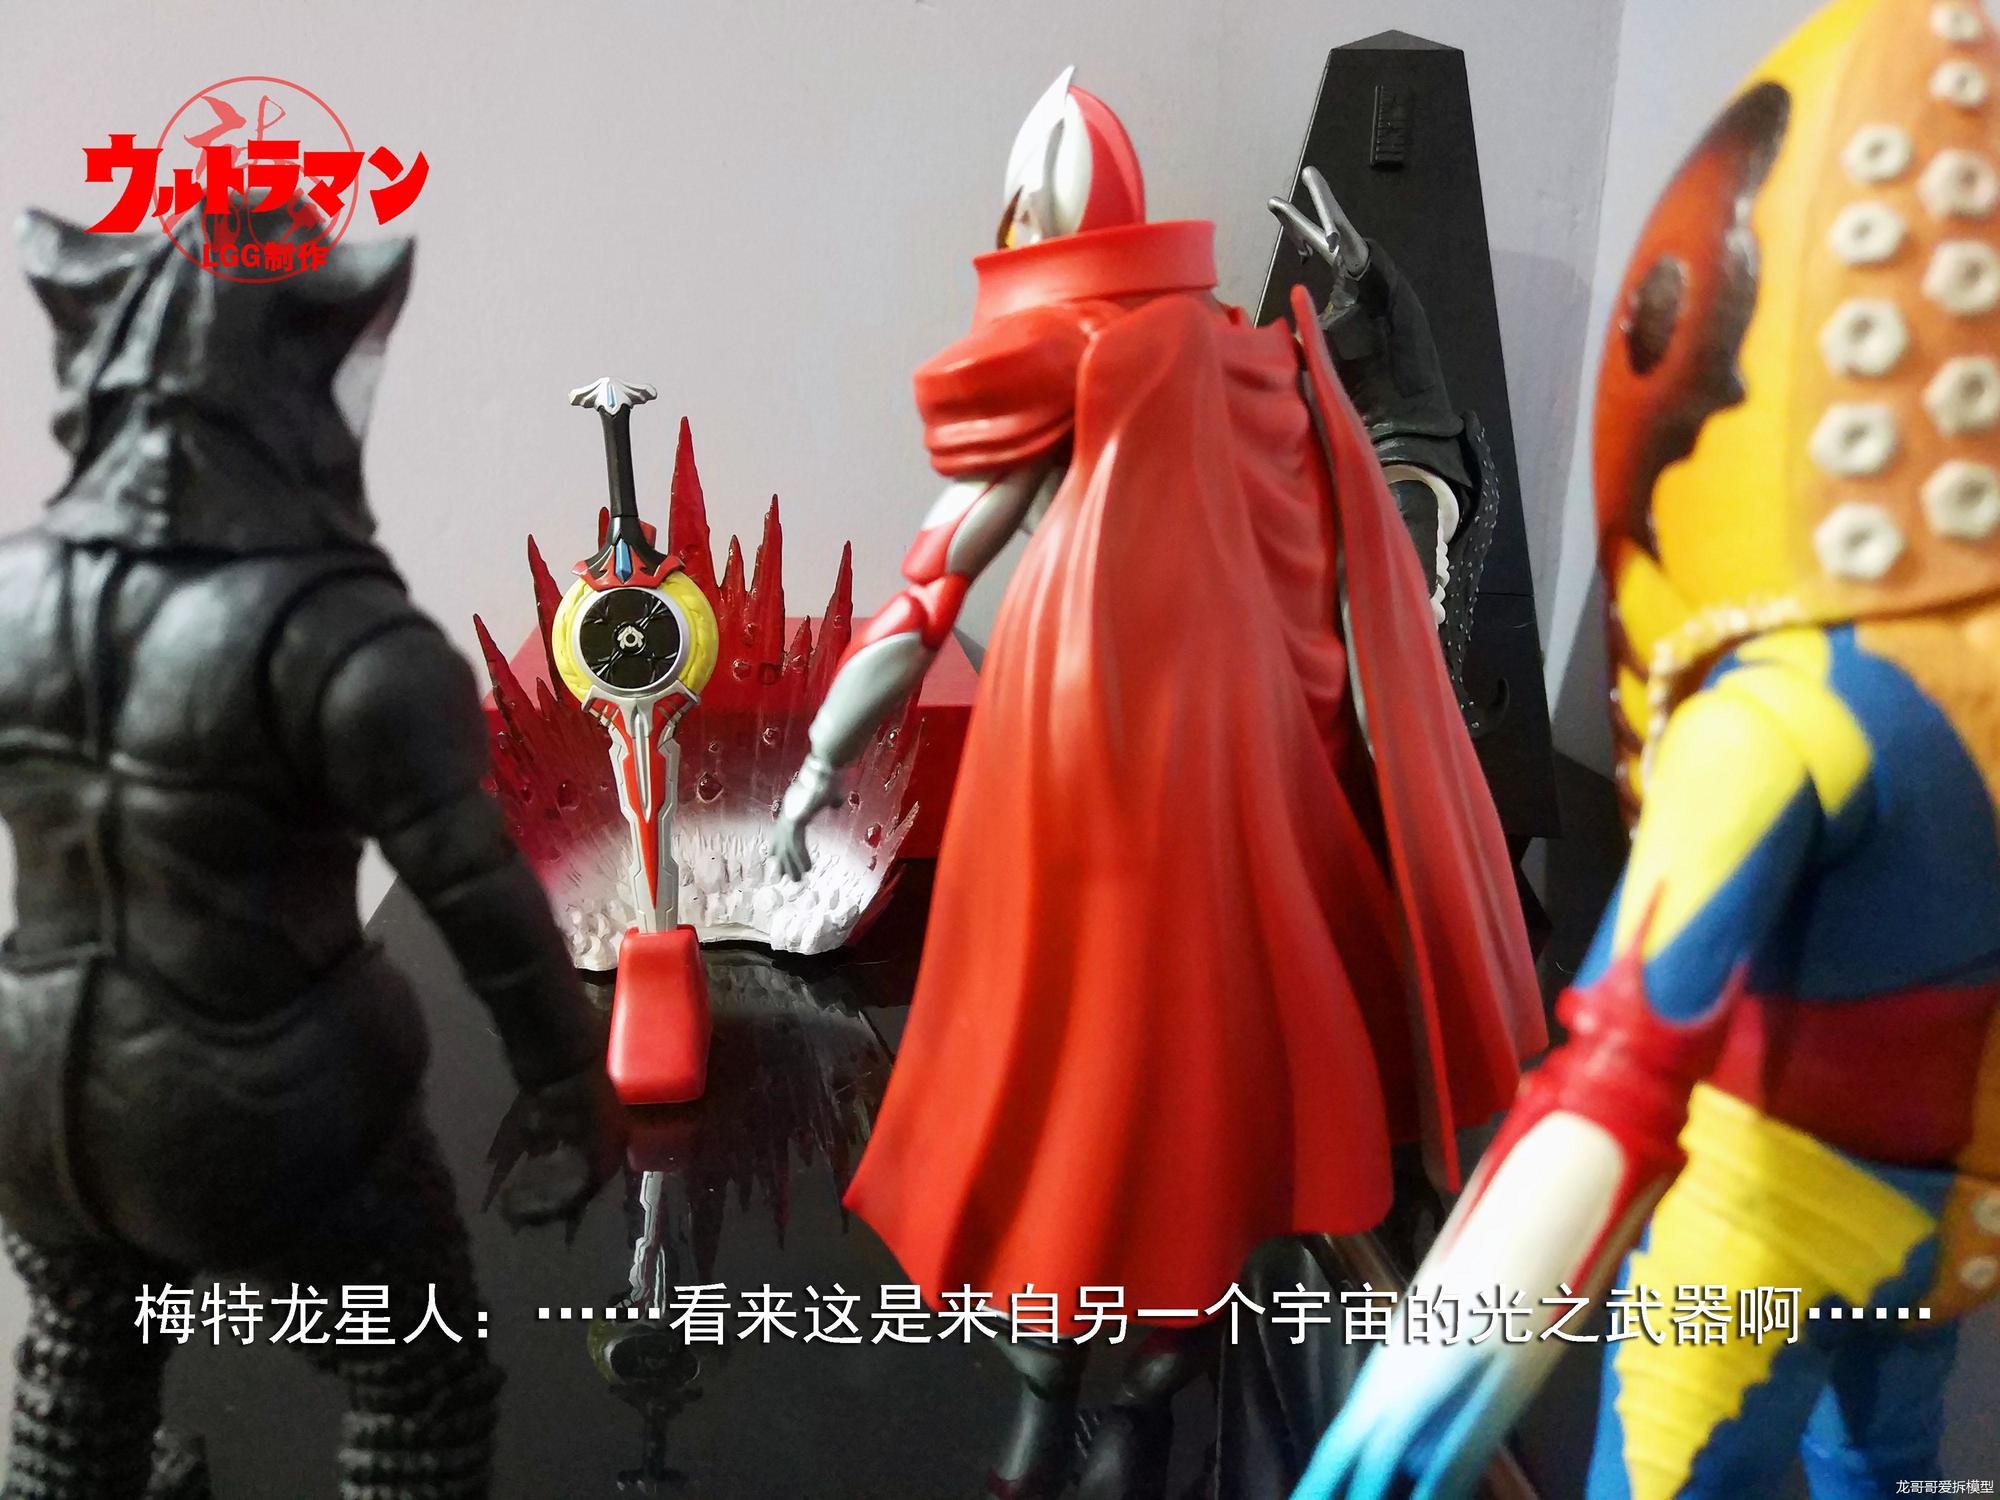 奥特模型剧 超级SHF格斗 第八弹 哥莫拉篇 第五话 终回